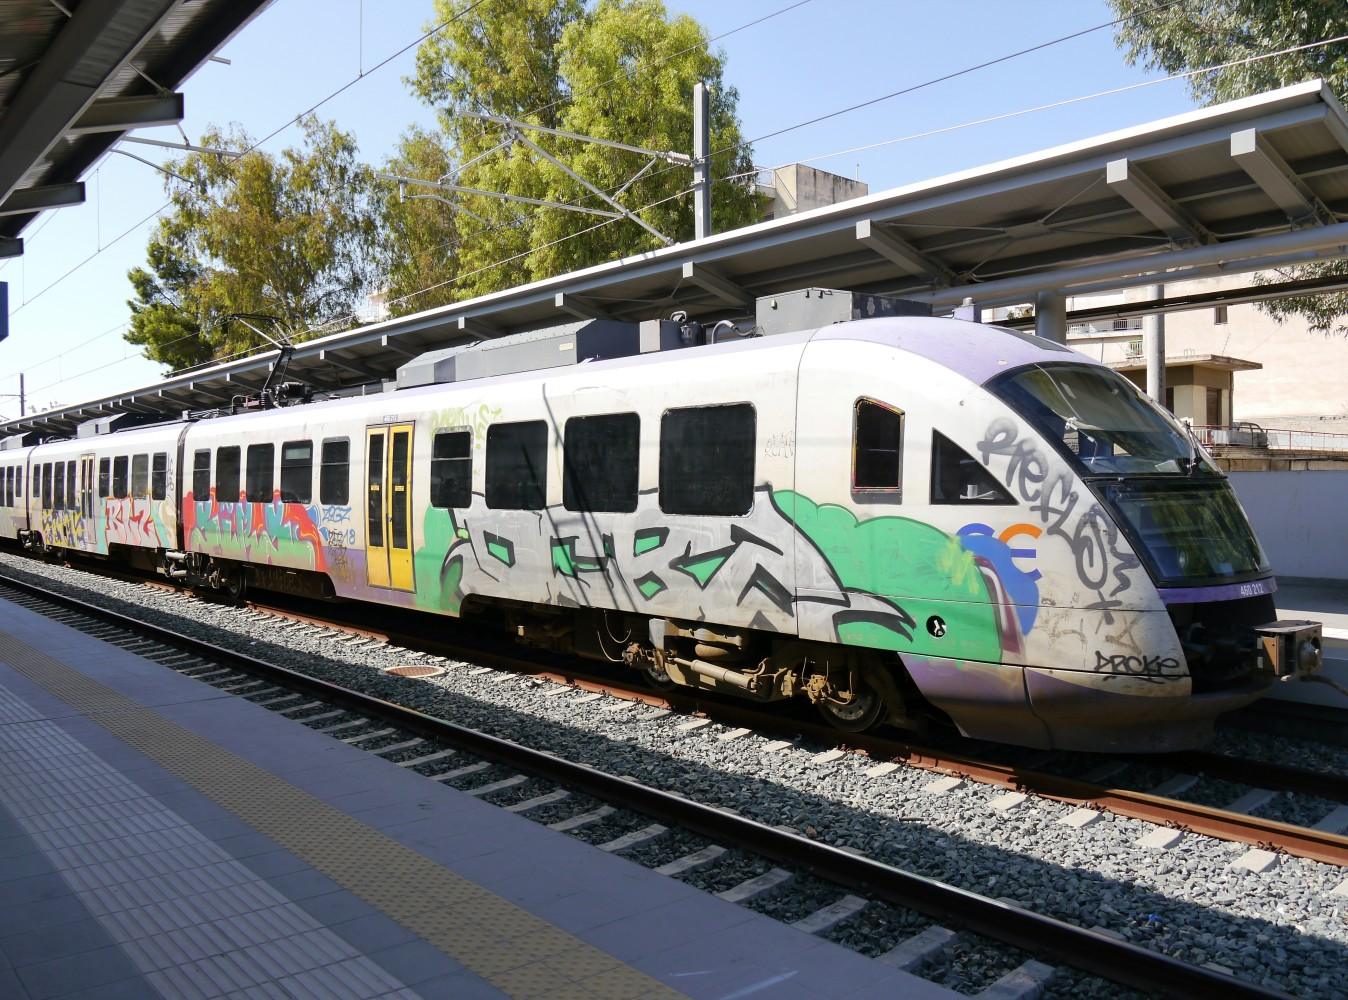 Kliknij obrazek, aby uzyskać większą wersję  Nazwa:Siemens Desiro.jpg Wyświetleń:32 Rozmiar:411,0 KB ID:222917